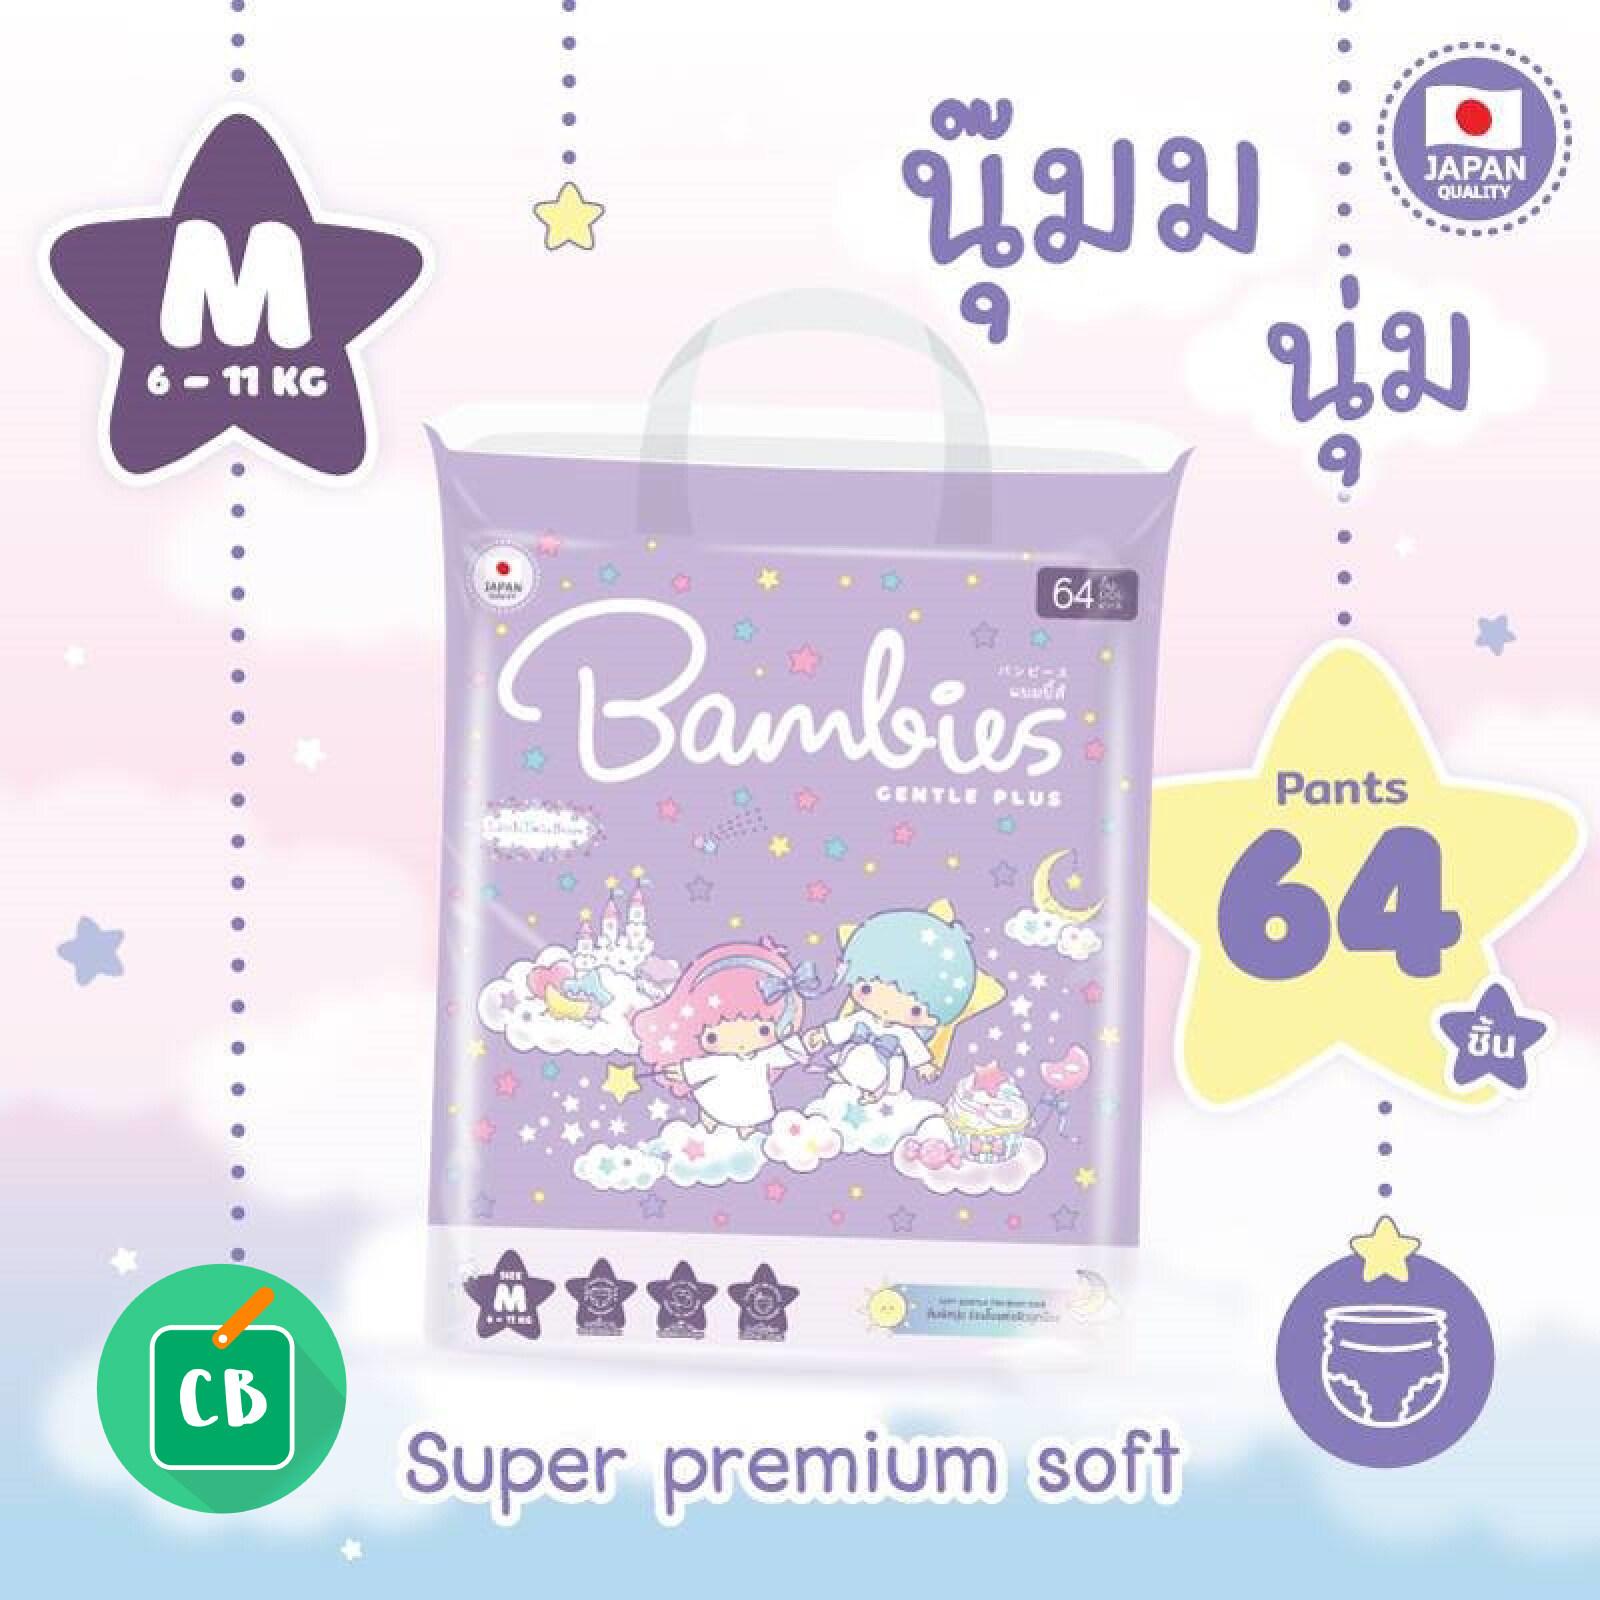 แนะนำ BAMBIES - กางเกงผ้าอ้อม Size M (64 ชิ้น) รุ่น gentle plus แพมเพิส ผ้าอ้อมเด็ก สำเร็จรูป ญี่ปุ่น